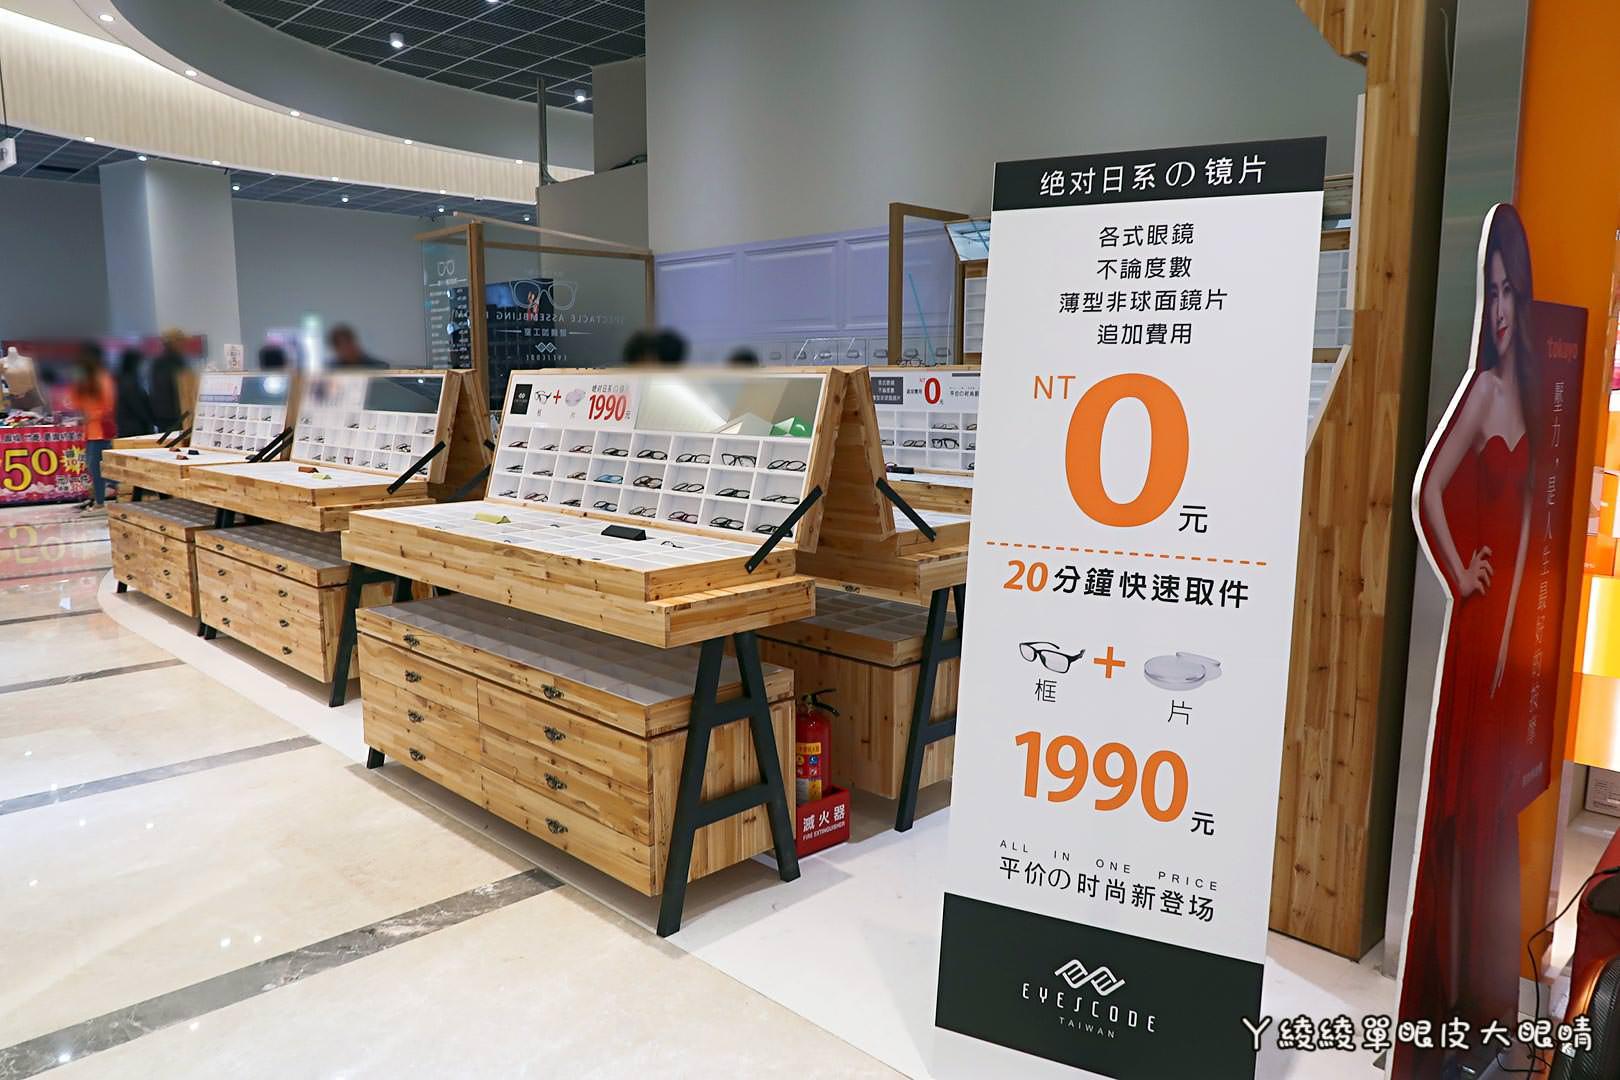 新竹《6+Plaza購物廣場》試營運!電話亭行動KTV好吸睛!會員優惠|樓層介紹|交通資訊|營業時間地址|停車場資訊